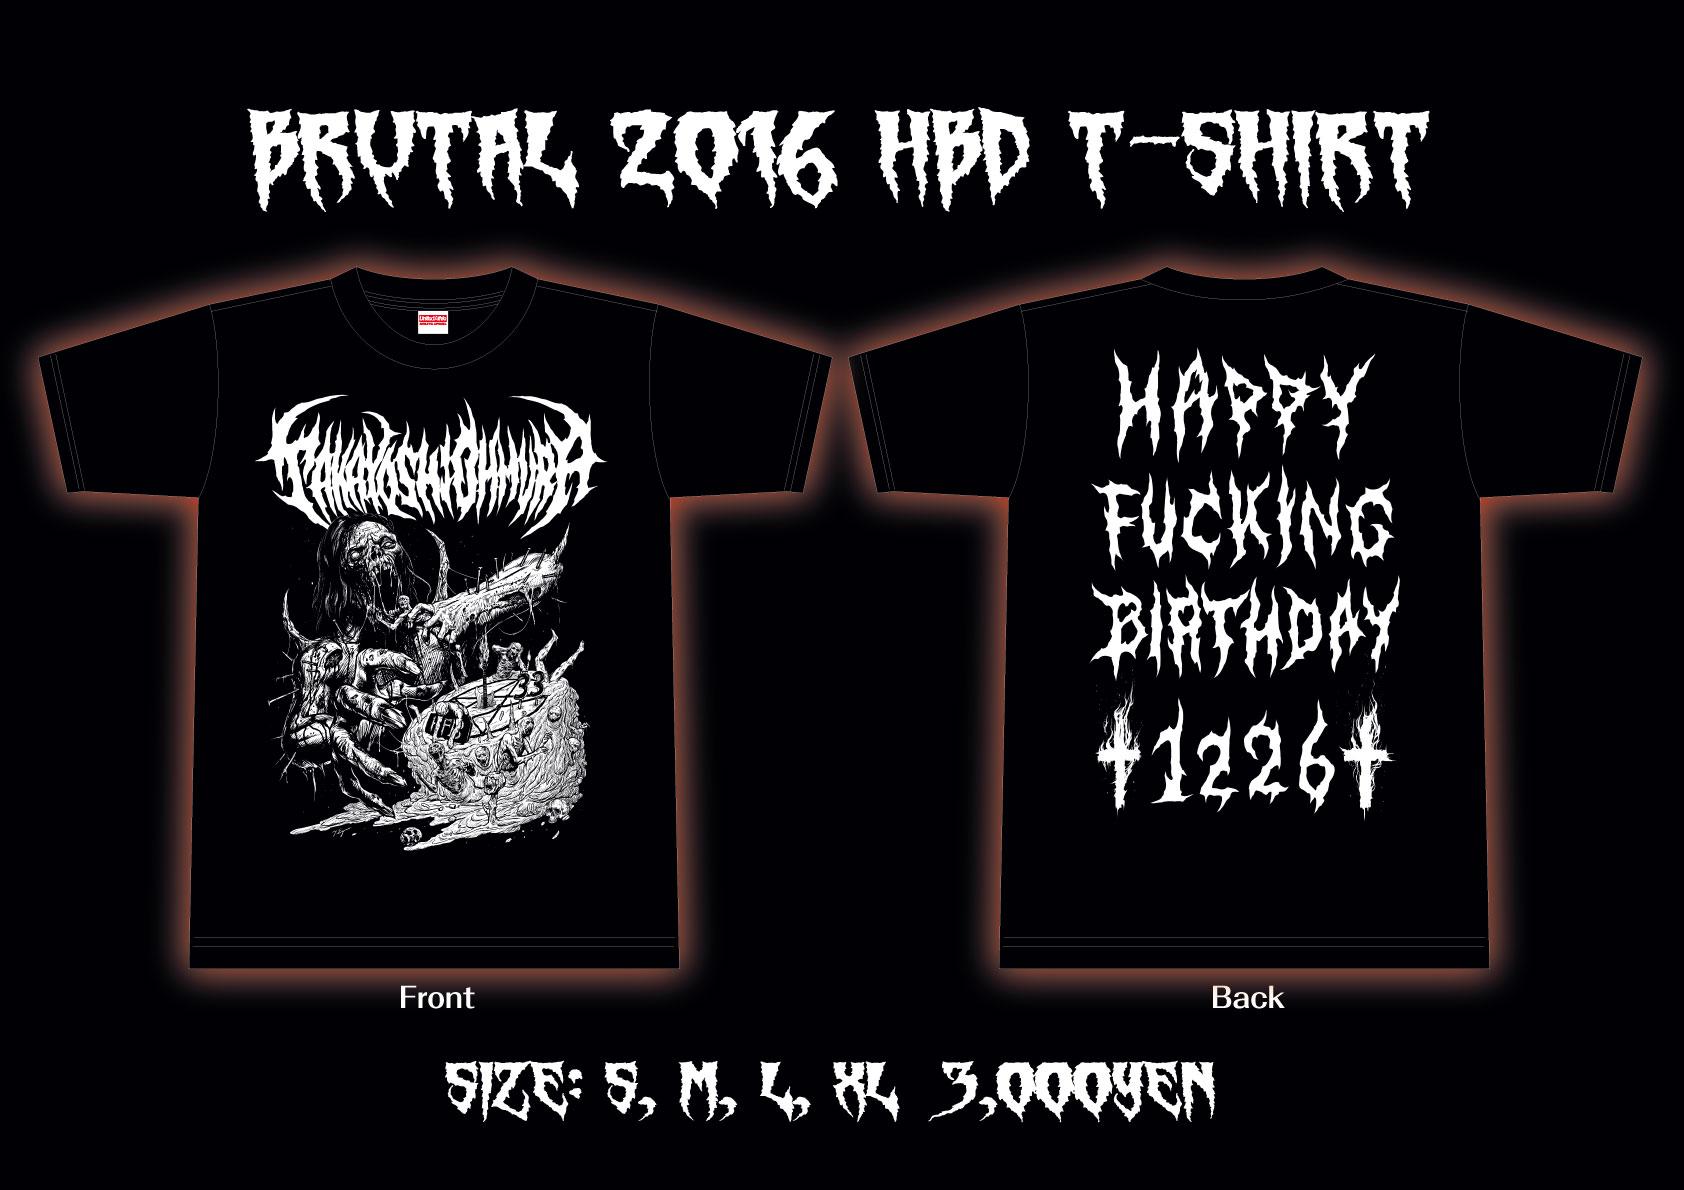 brutal-2016-hbd-tshirt